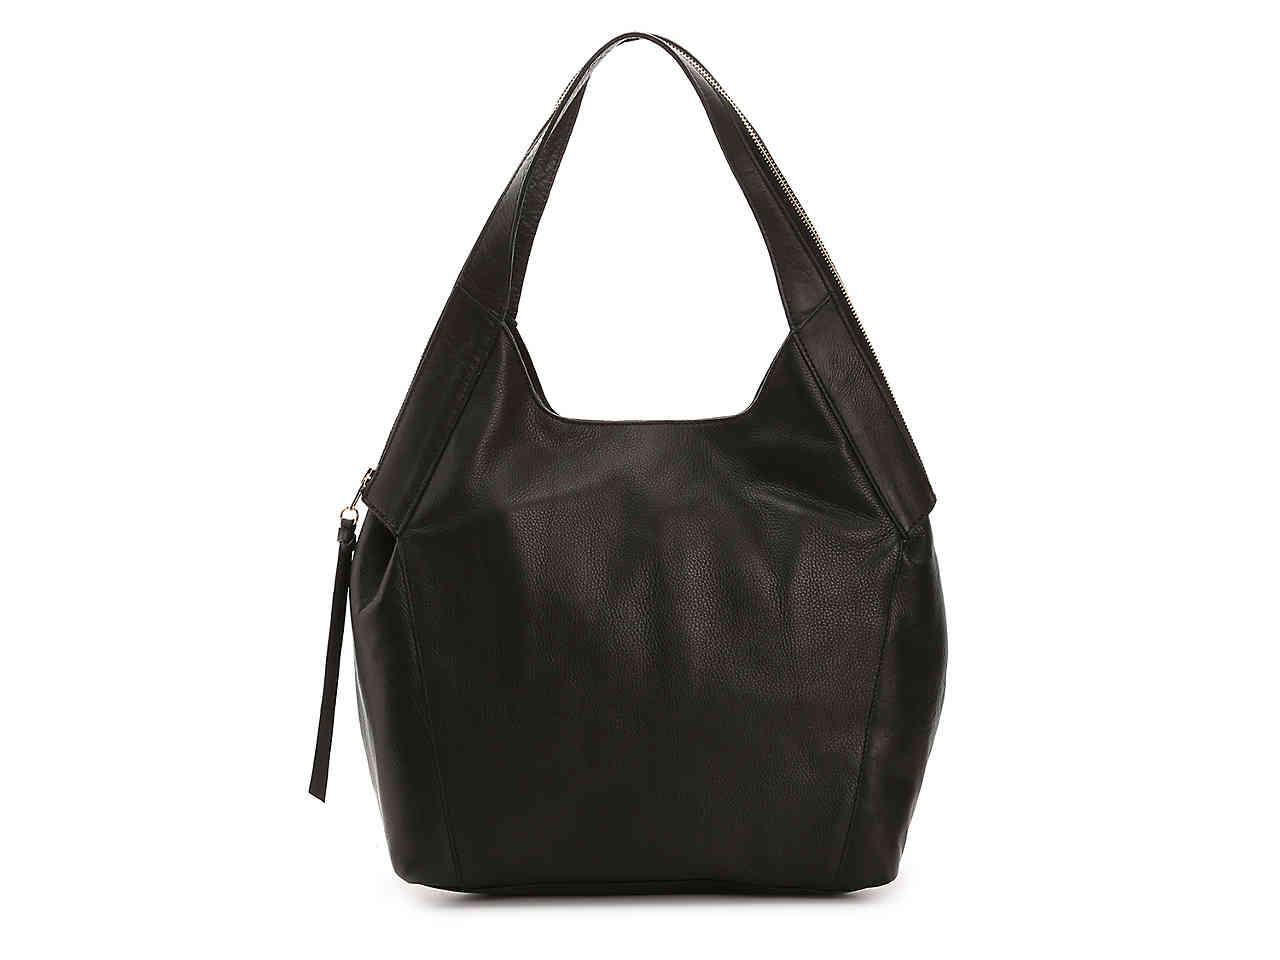 5fd84de2f649 Kooba Oakland Leather Hobo Bag in Black - Lyst